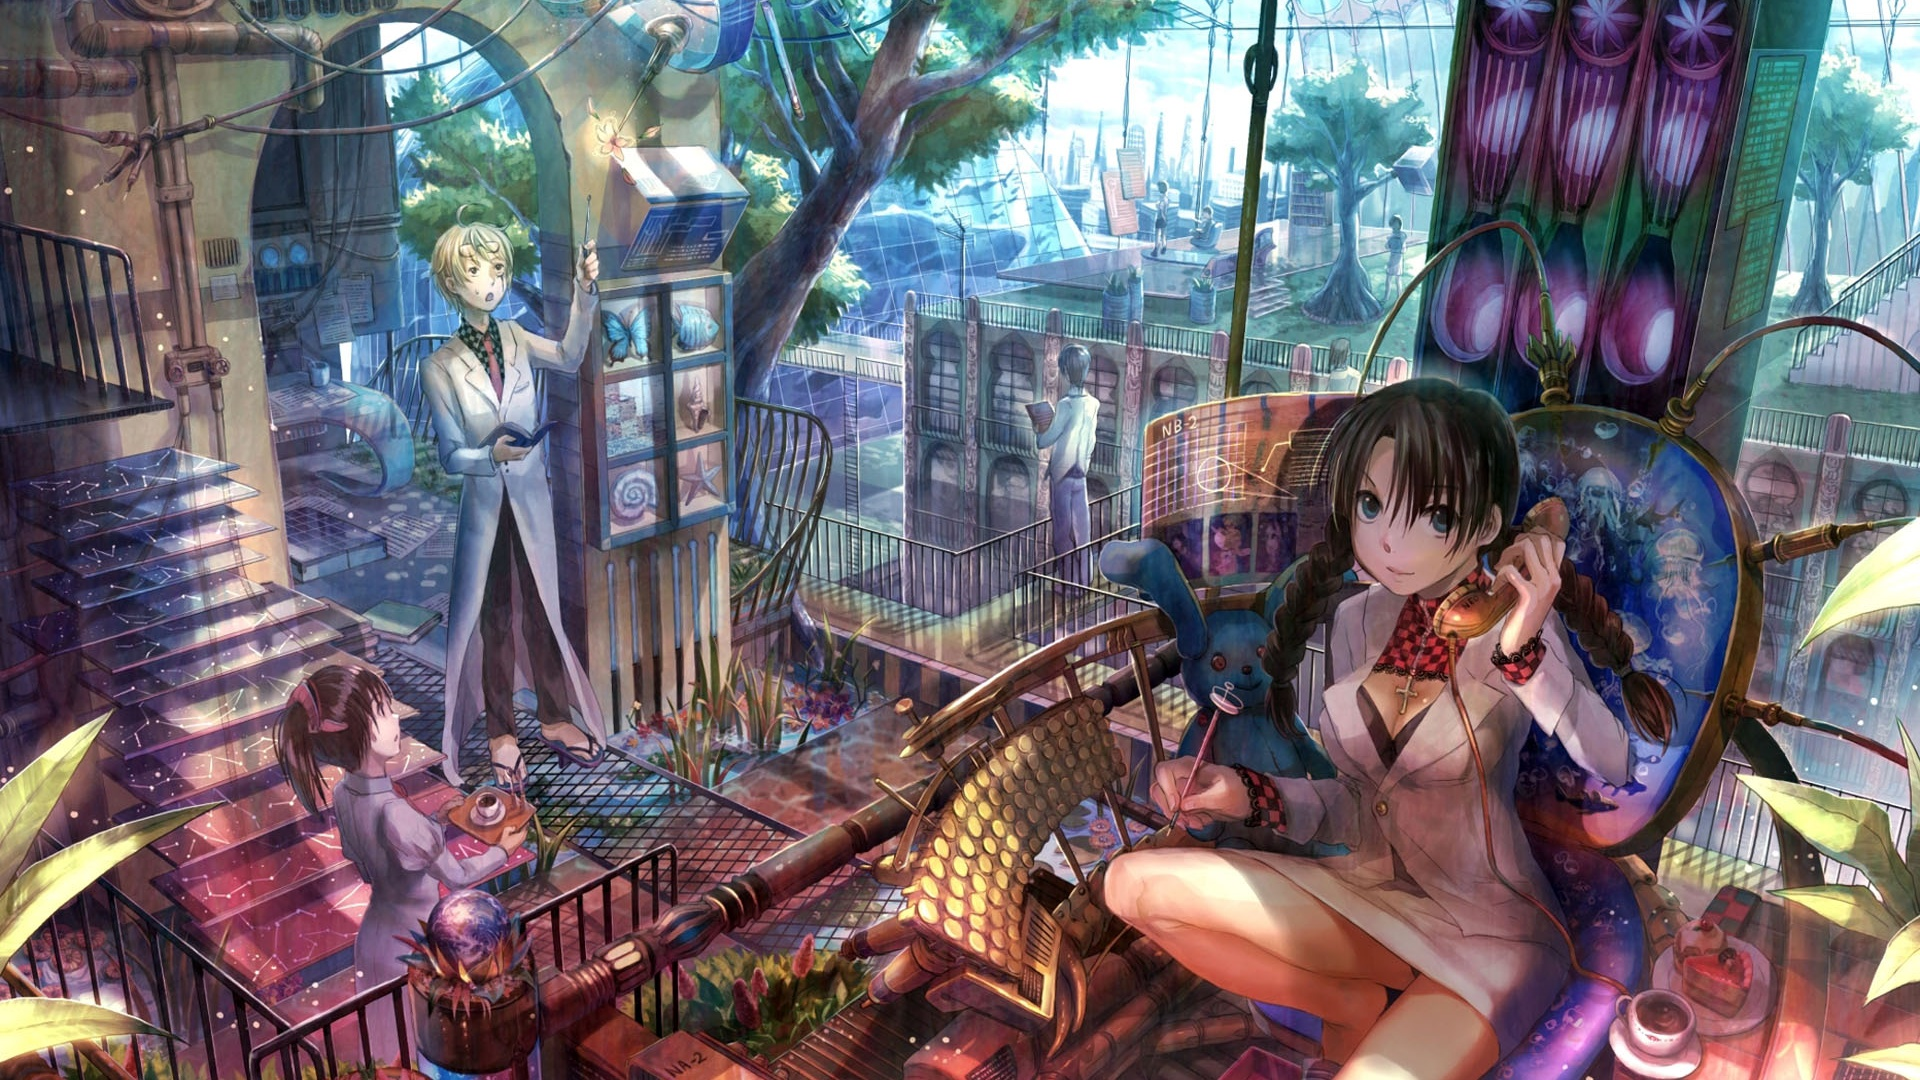 壁紙 バーのアニメの女の子 19x10 Hd 無料のデスクトップの背景 画像